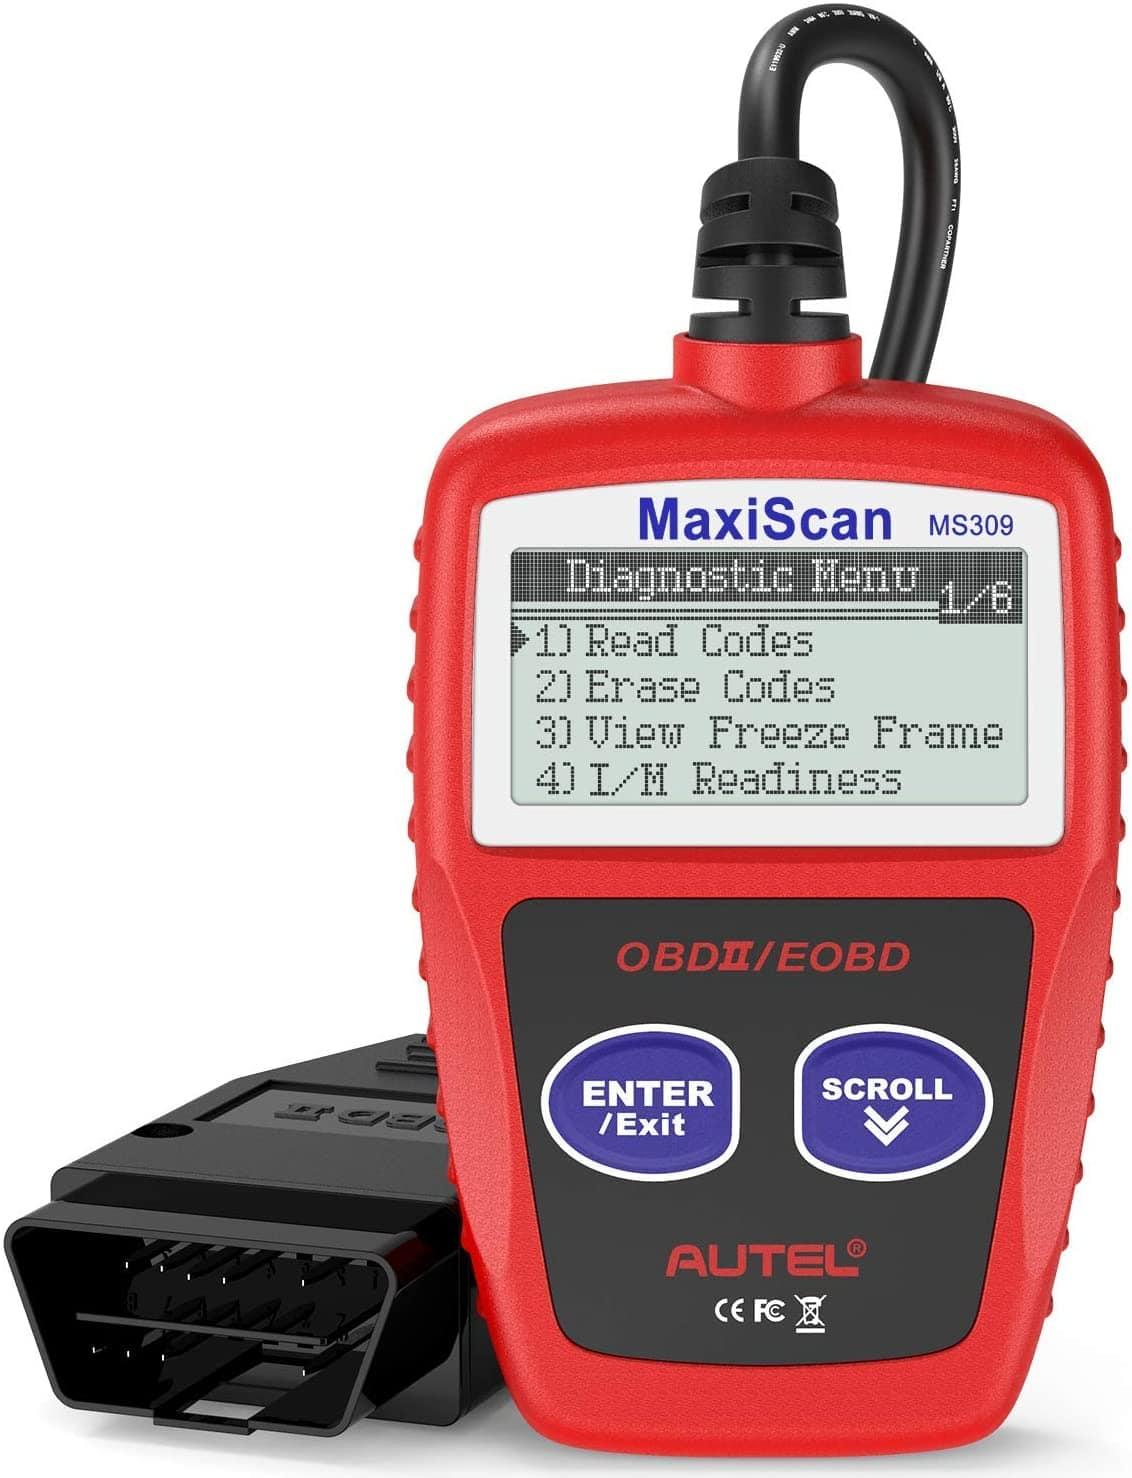 Autel MS309 fault code reader